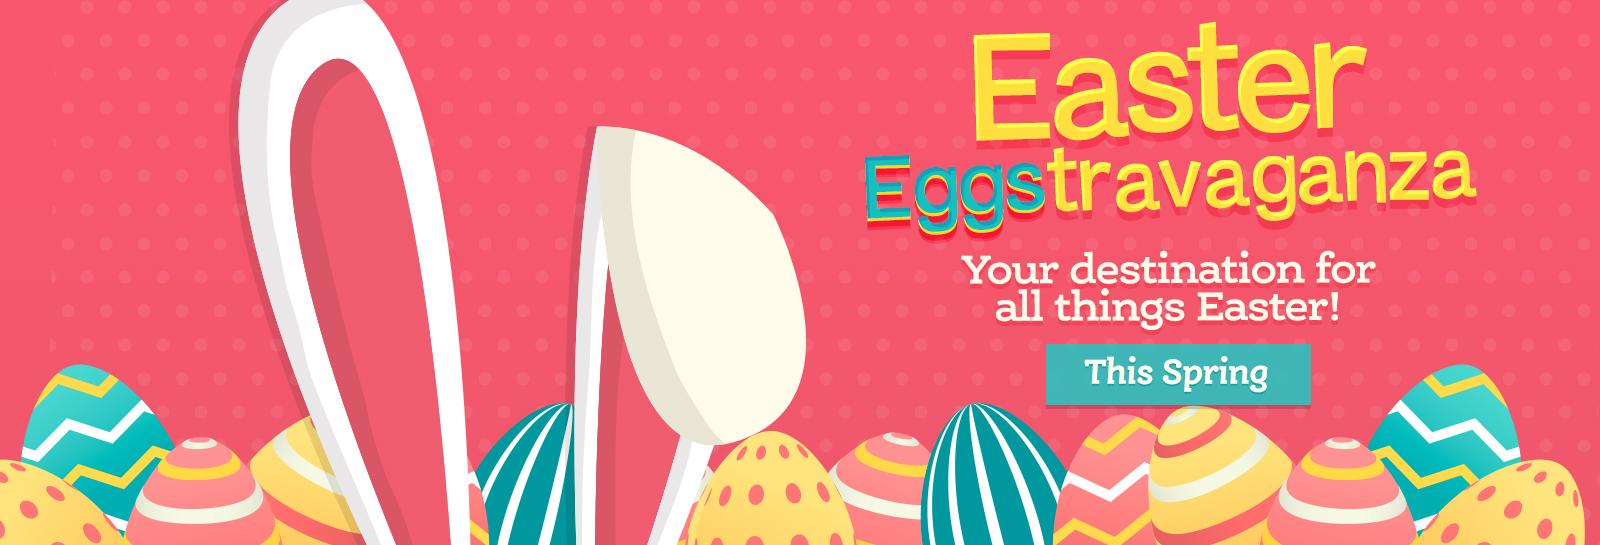 Slider Easter